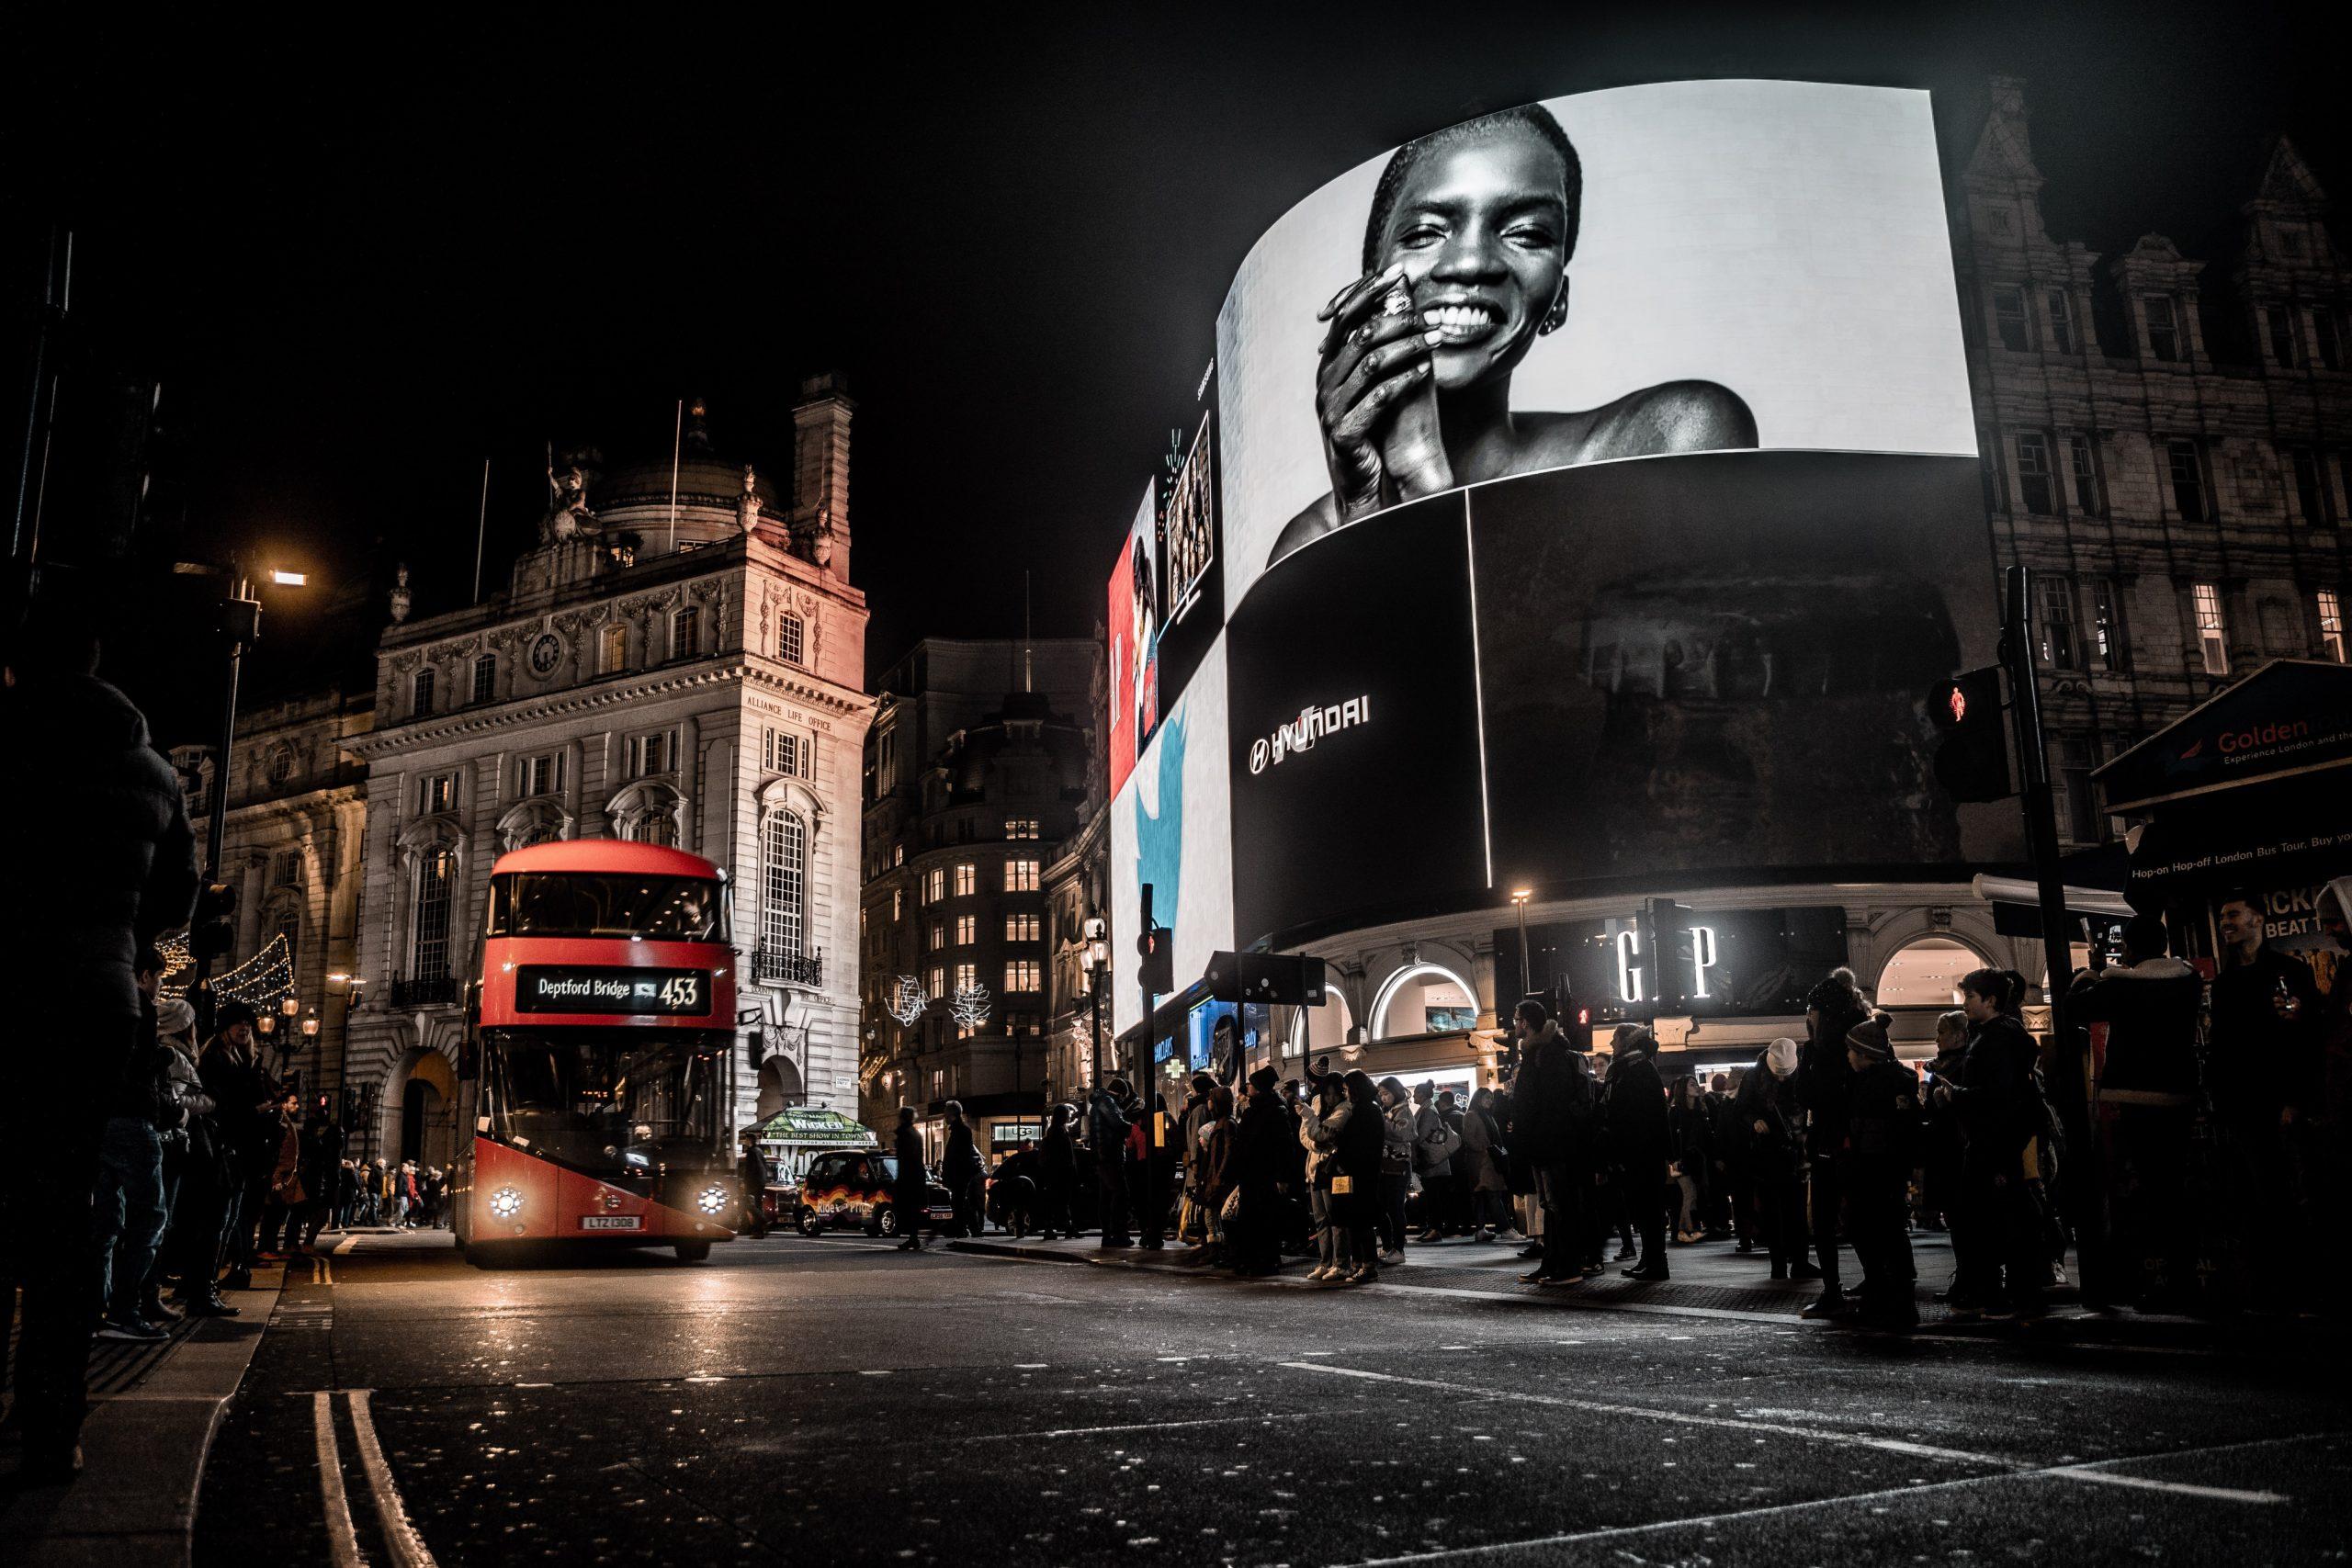 通勤、街道人潮多,公車廣告仍有優勢。/圖:Photo by David Geib from Pexels